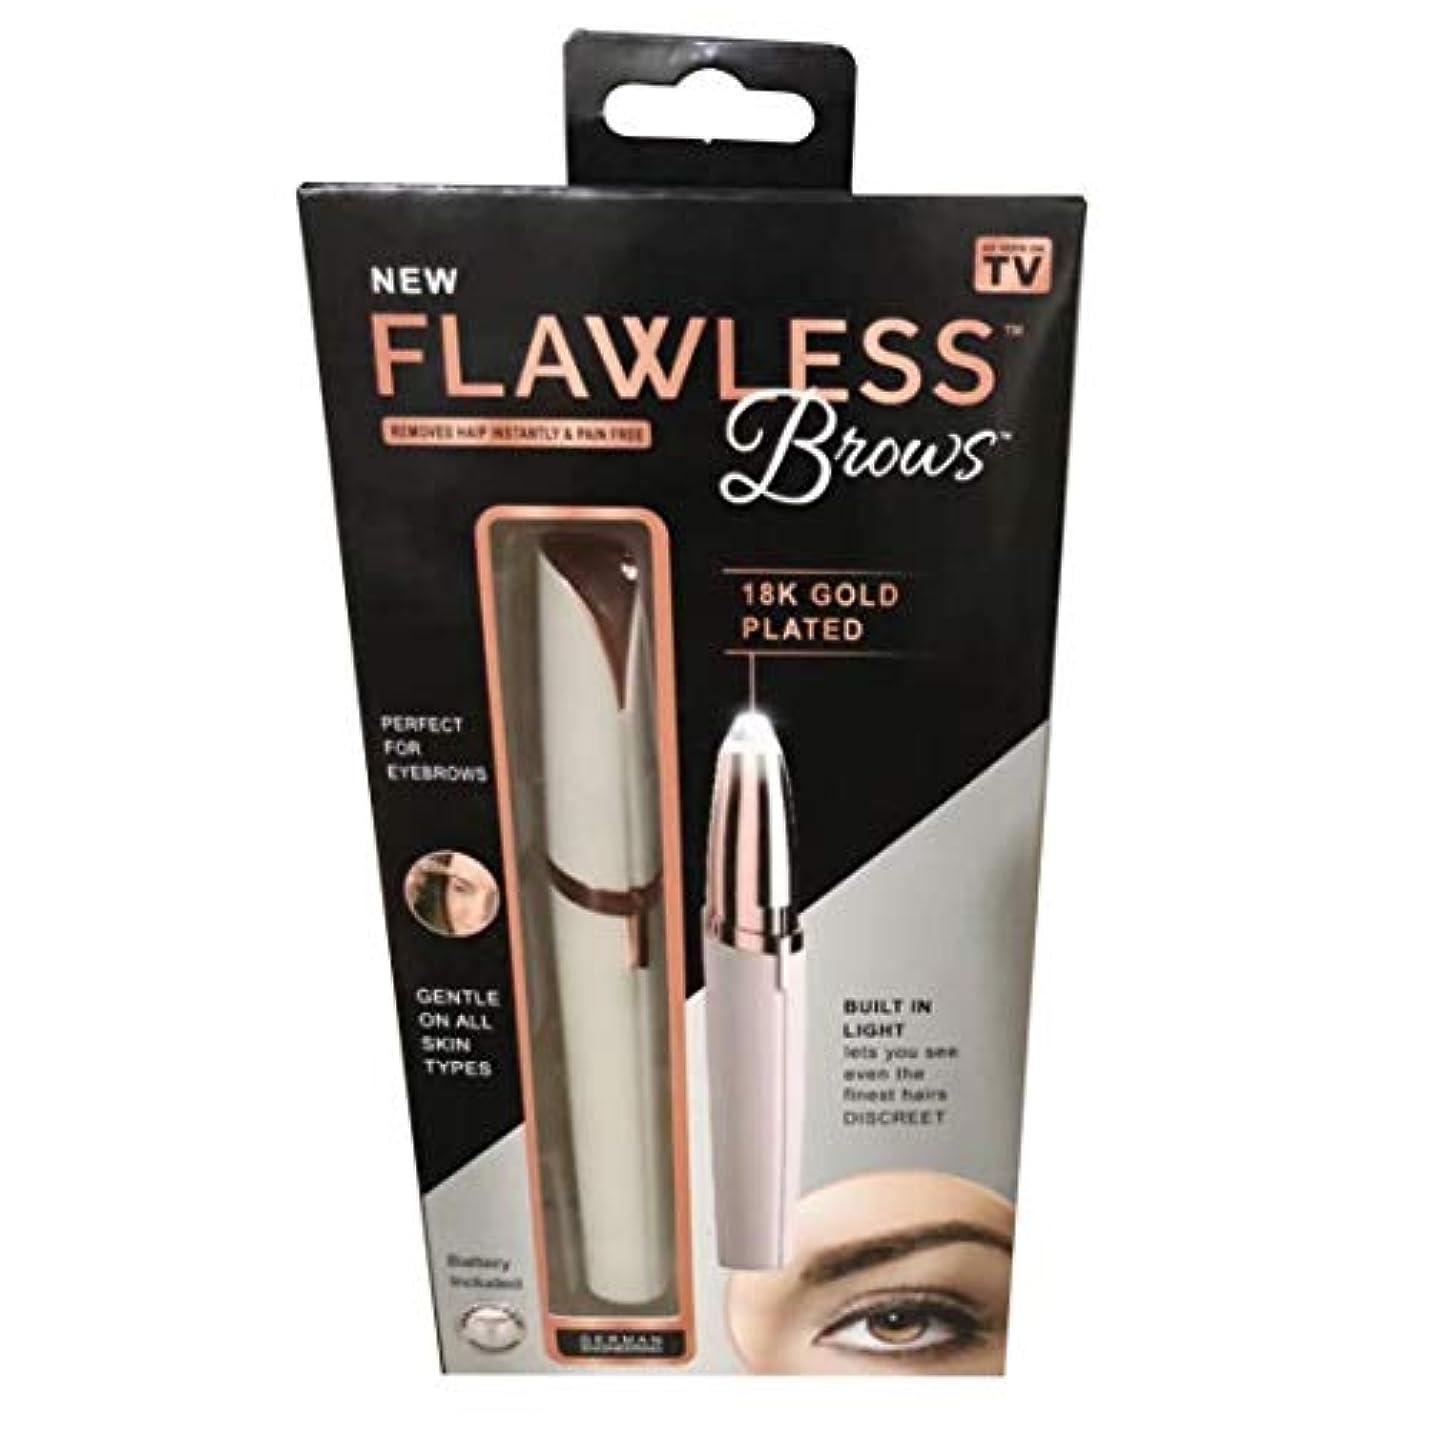 書店正確に研究コンパクトサイズの完璧な眉電動仕上げタッチアイブロウリムーバーシェーバー-FanciesW